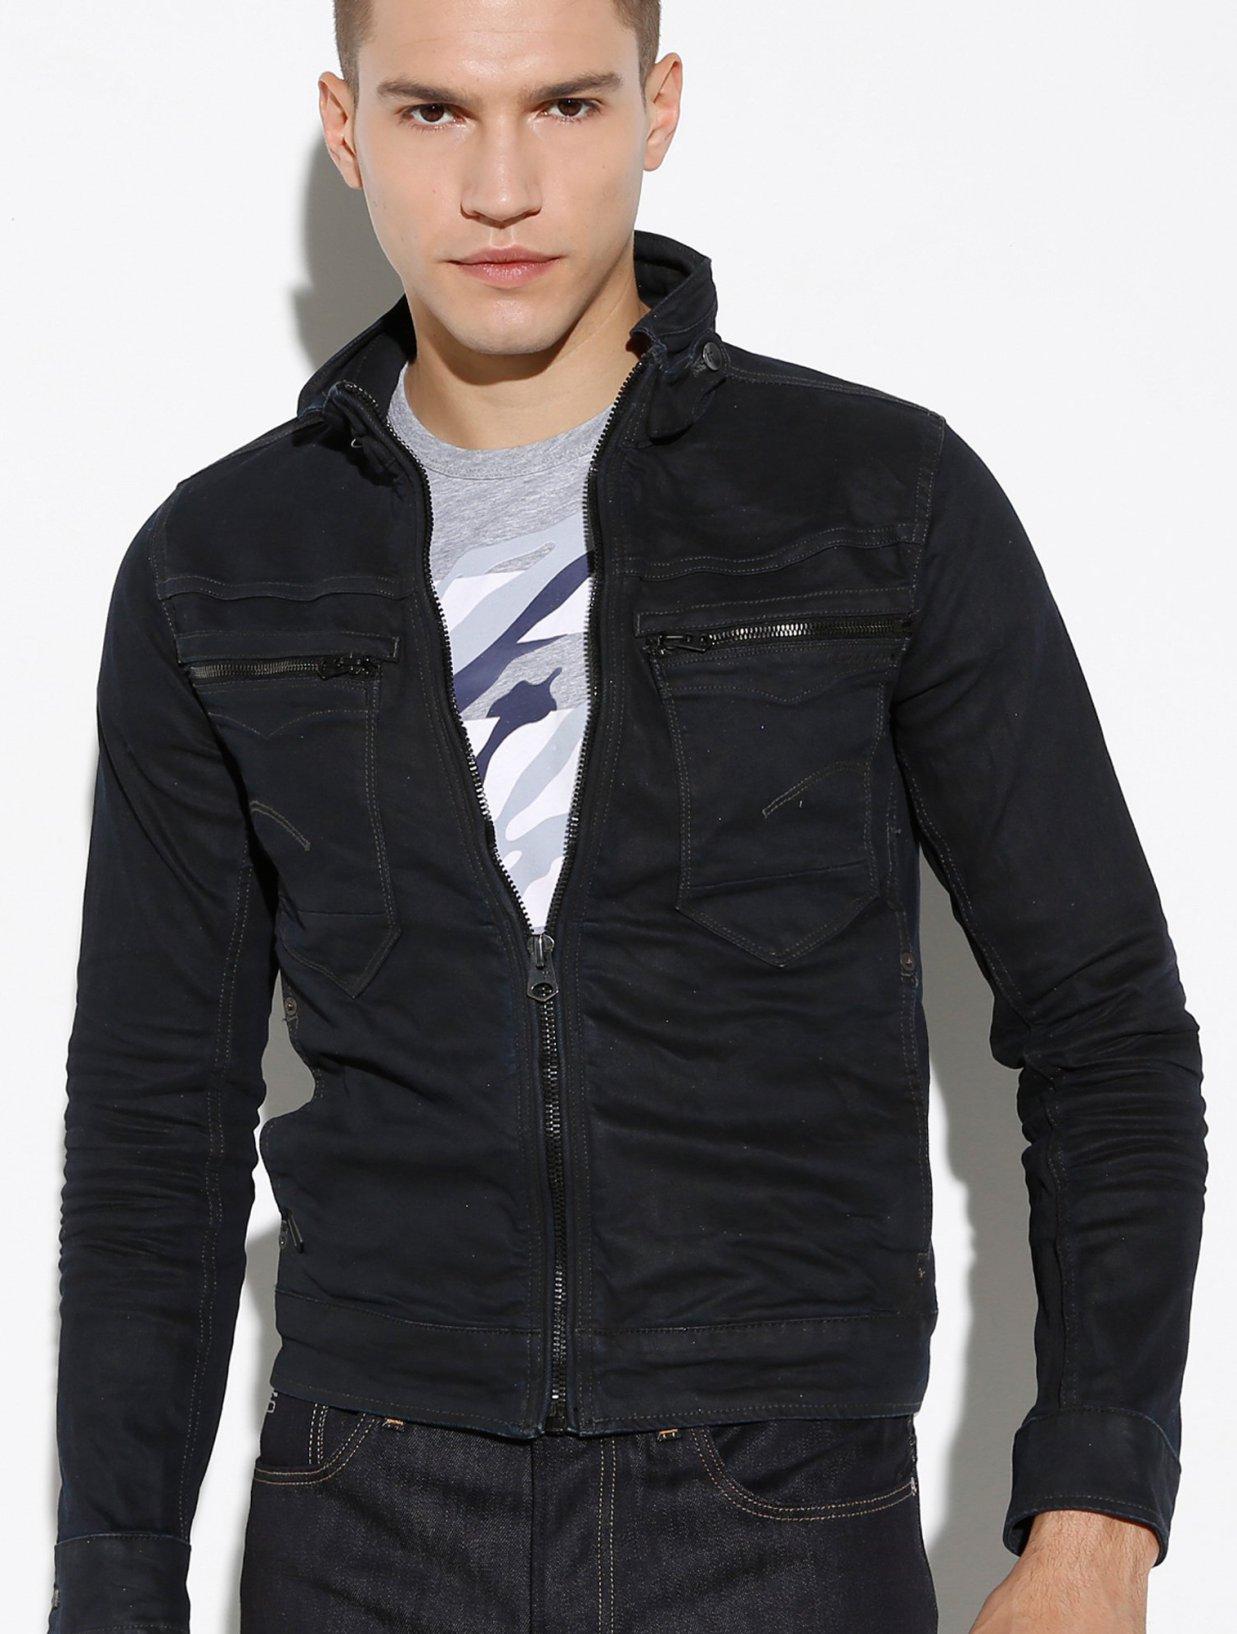 le choix de veste homme t d pend du style et du go t de chacun. Black Bedroom Furniture Sets. Home Design Ideas